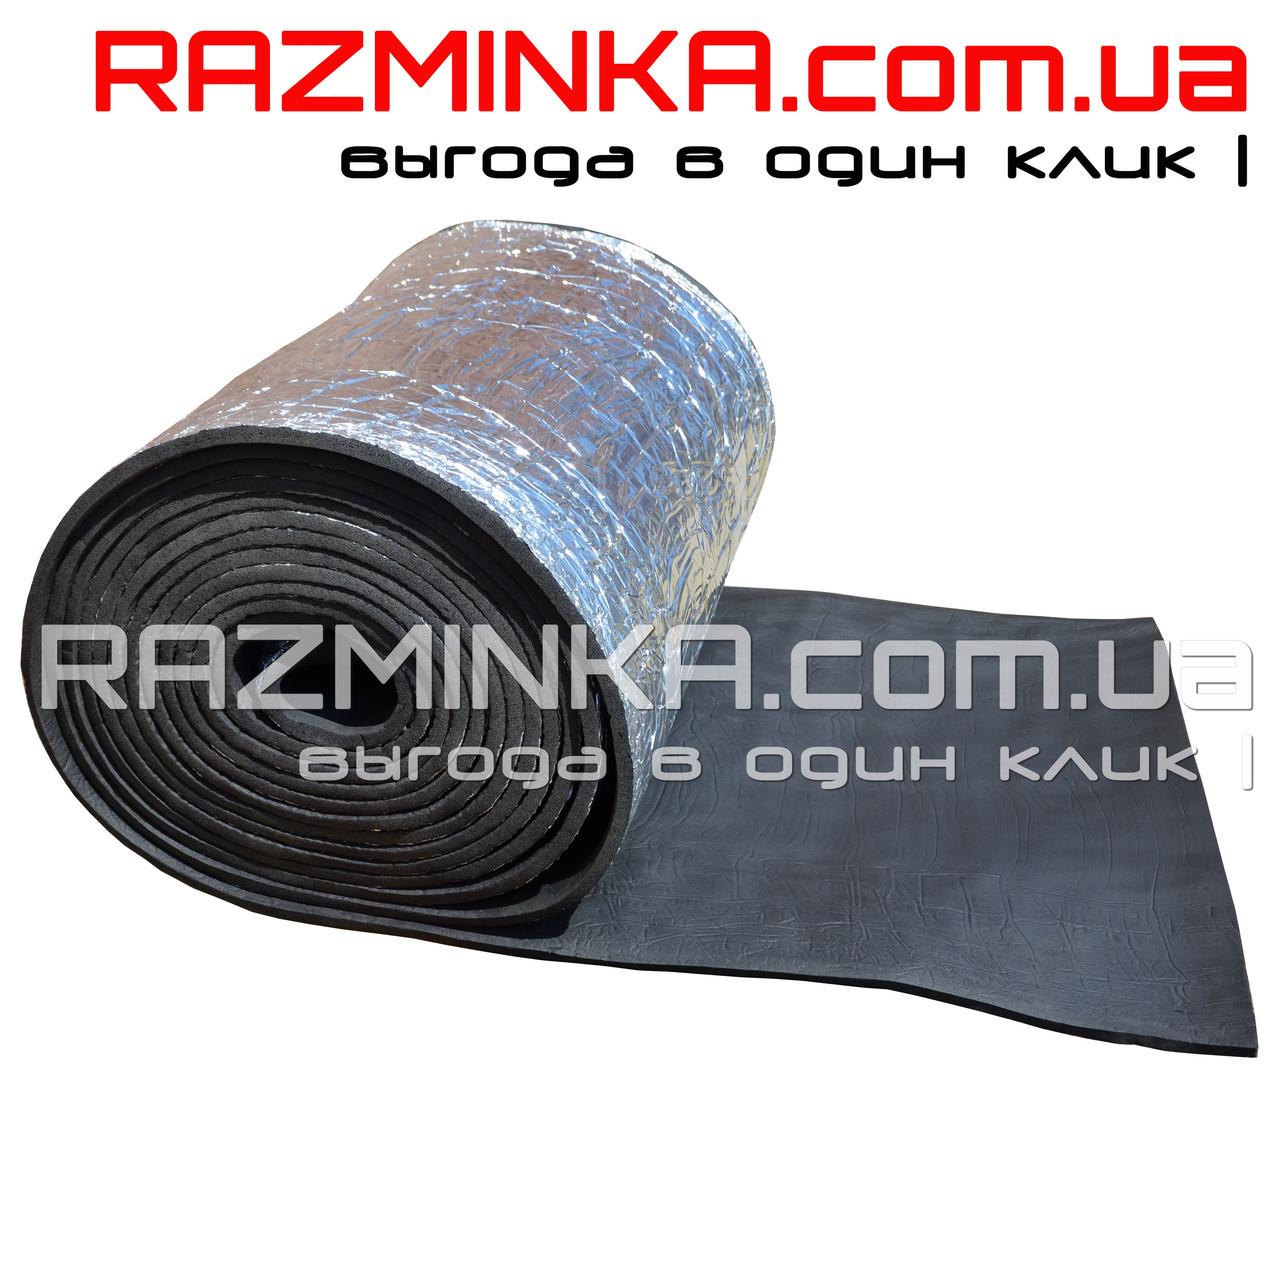 Фольгированный утеплитель 13мм (вспененный каучук)